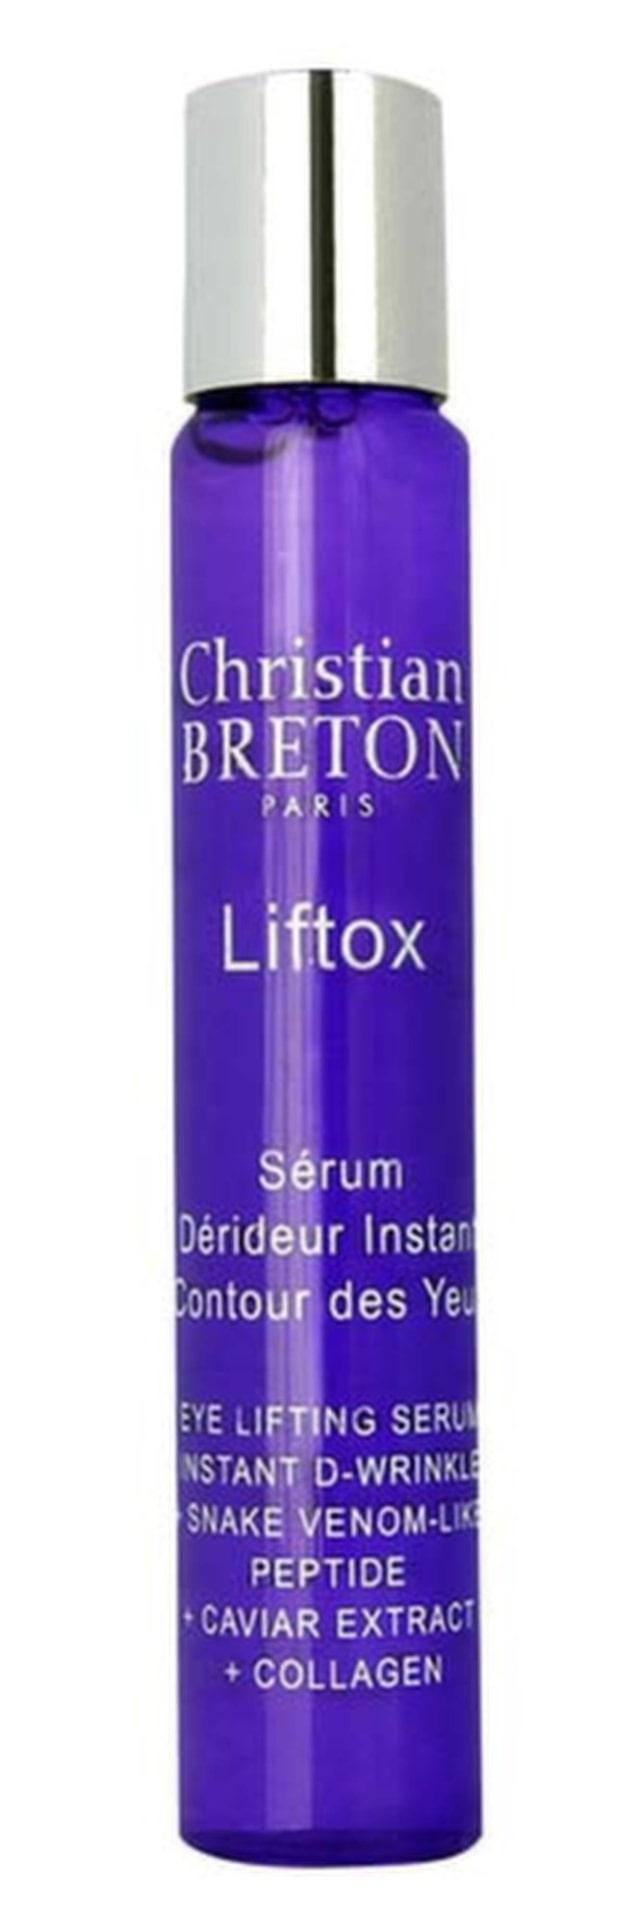 Liftox, 10 ml, 499 kronor, Christian Breton.Ett ögonserum med ingredienser som peptider, kaviarextrakt och kol lagen. Sammansättningen ska ha avslappnande effekt och få huden runt ögonen mindre spänd. Känns skön och lugnande.